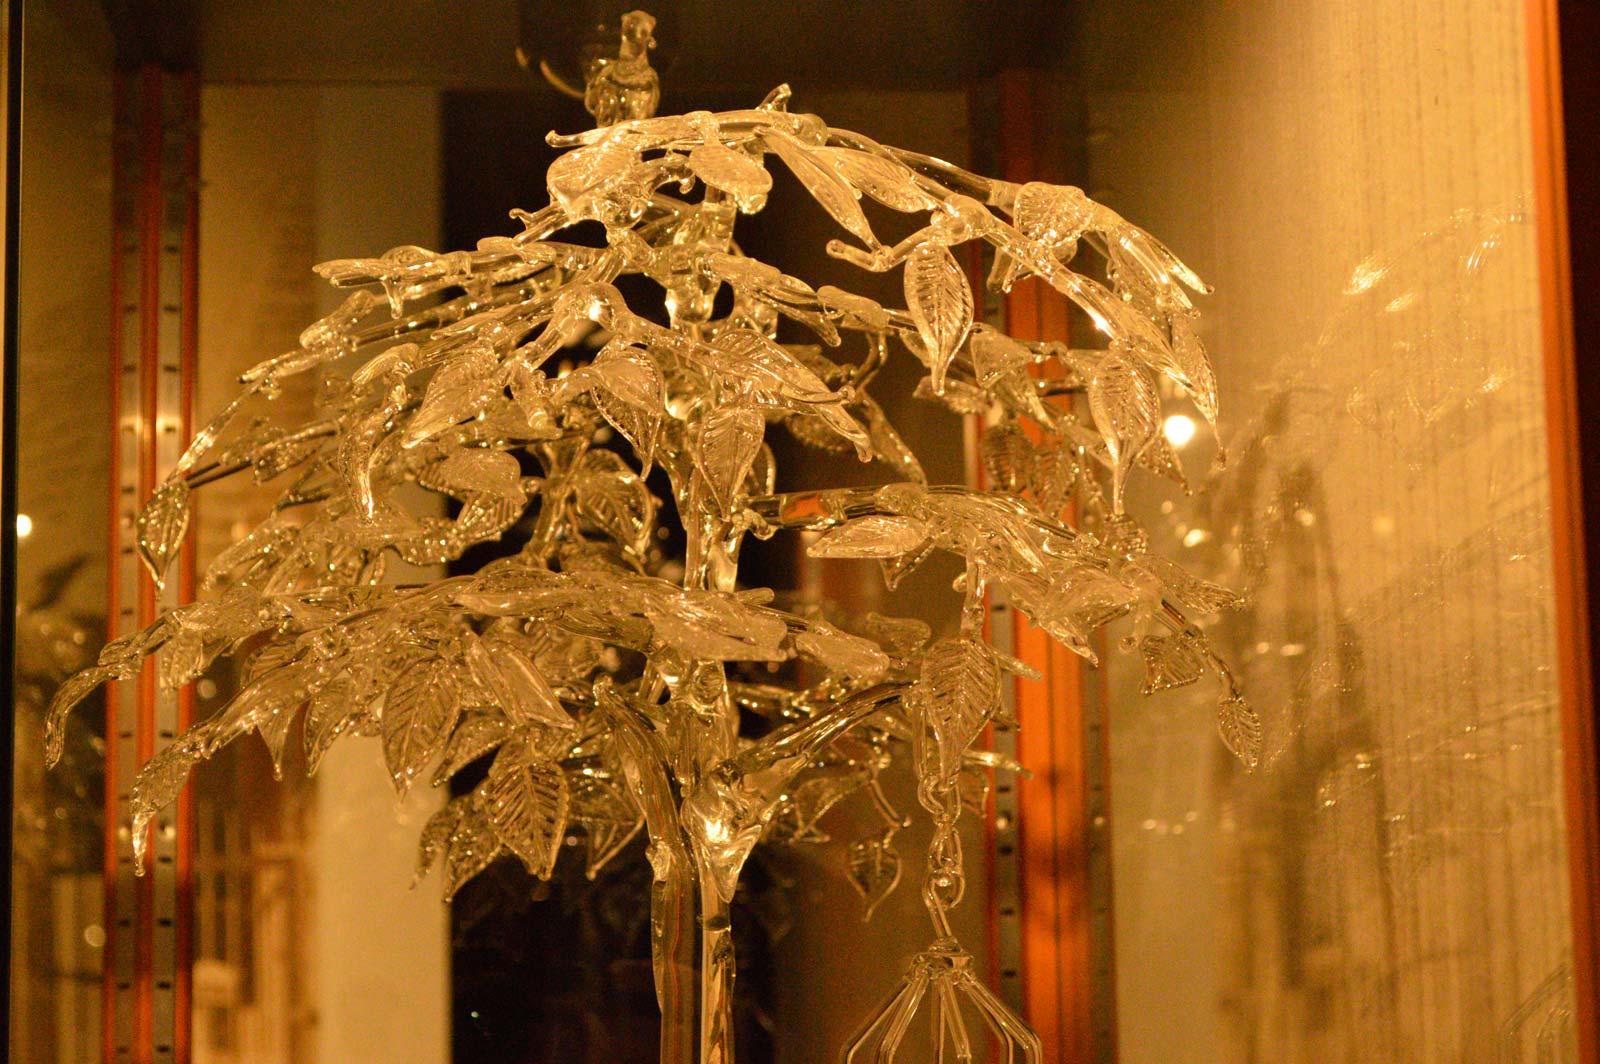 Le circuit du verre et du cristal en voiture niederbronn - Maison du verre et du cristal ...